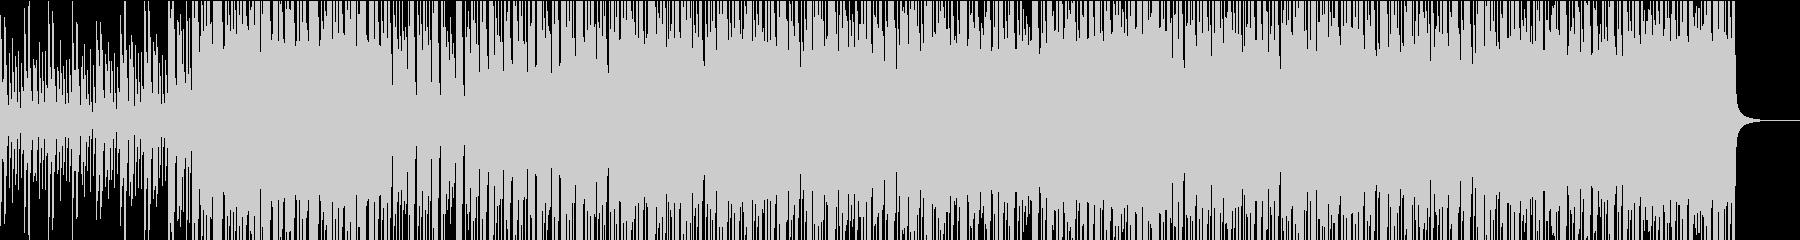 三味線&ストリングスの和風ロックの未再生の波形